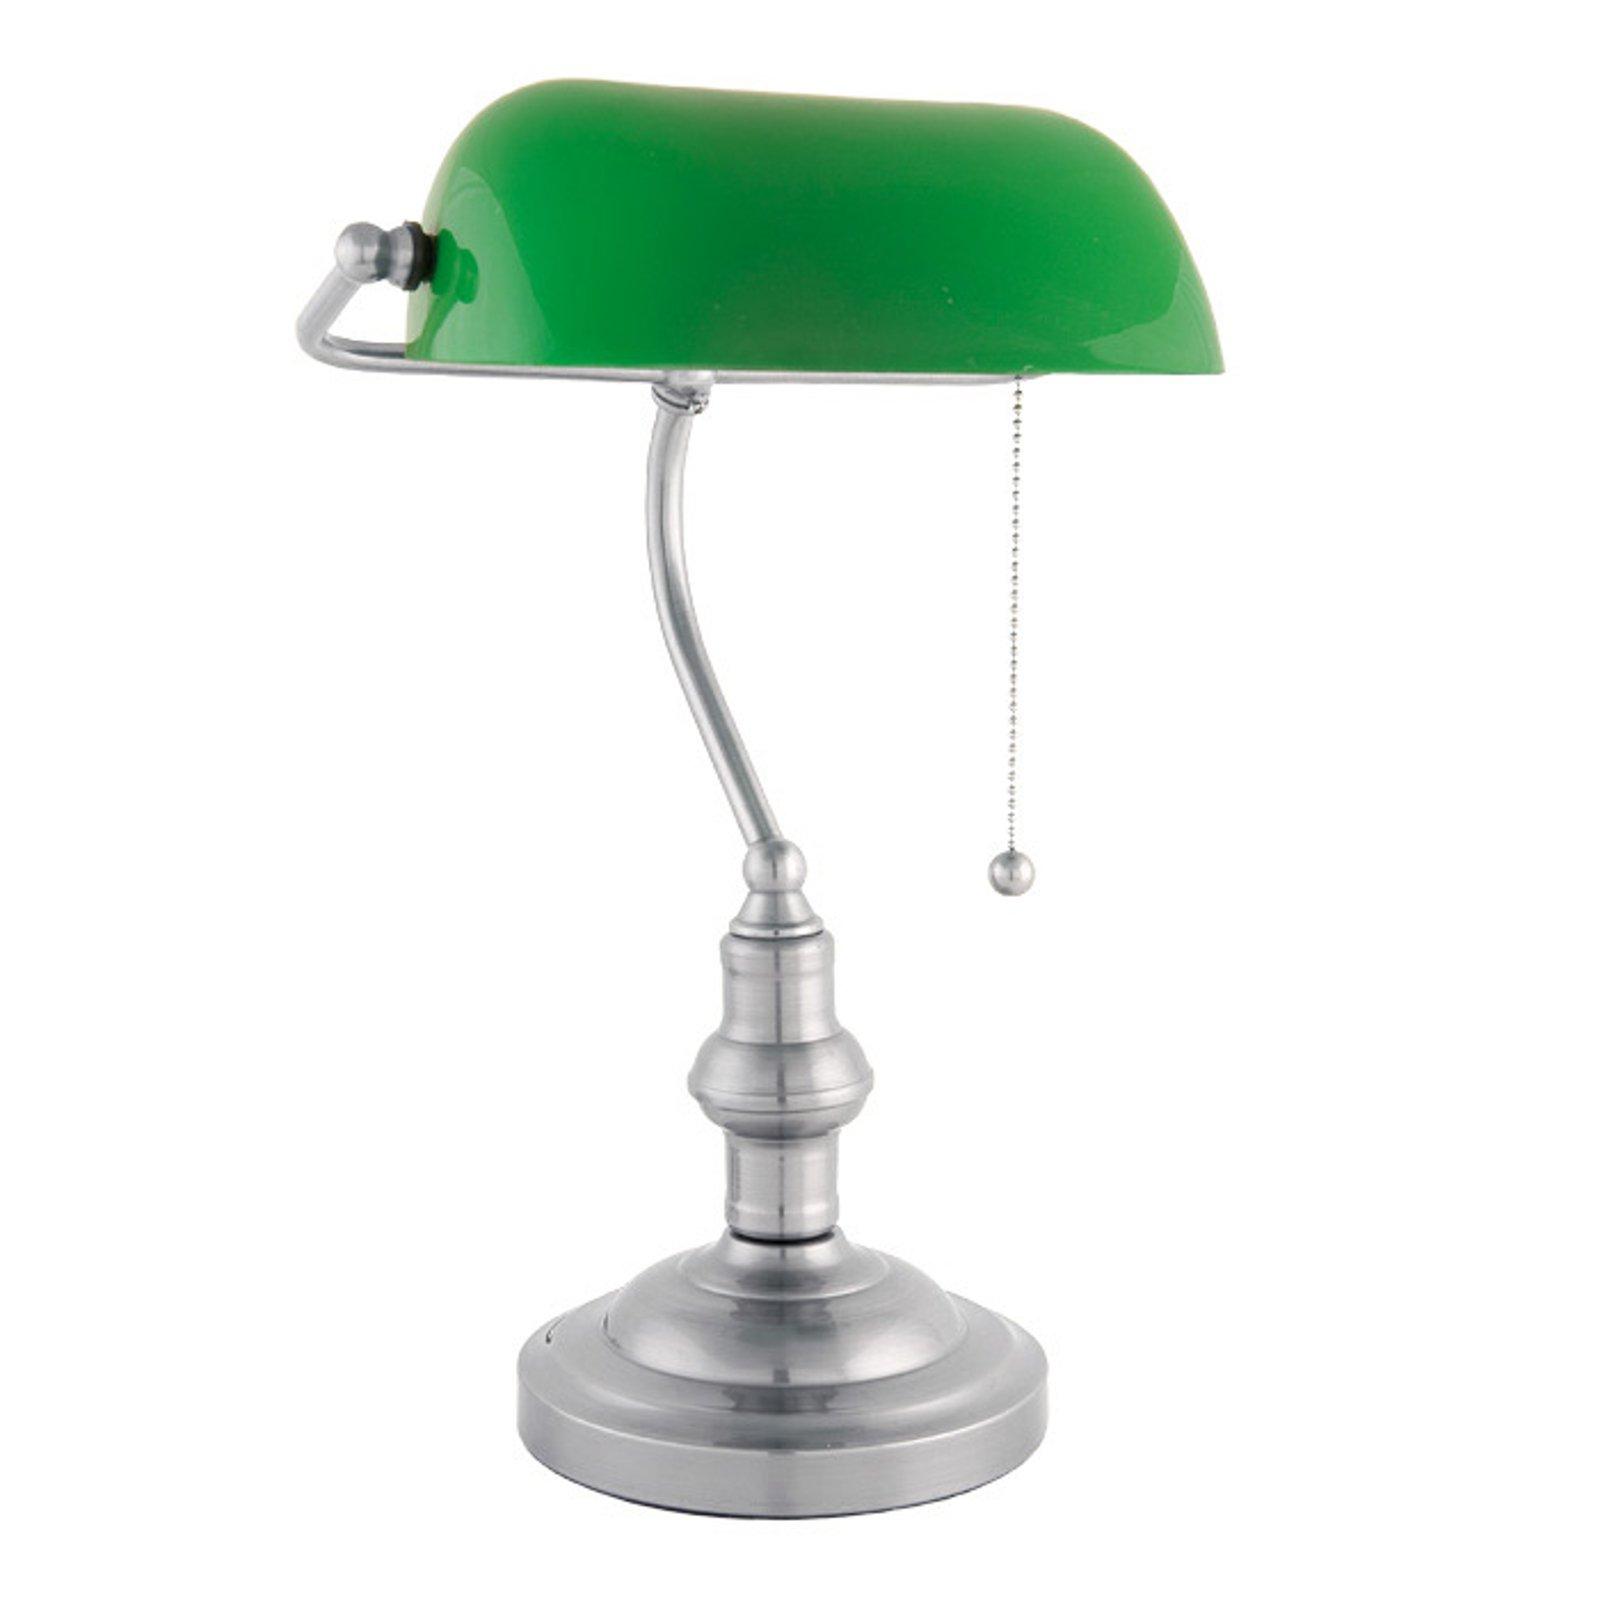 Vakker banklampe Verda med fot av nikkel